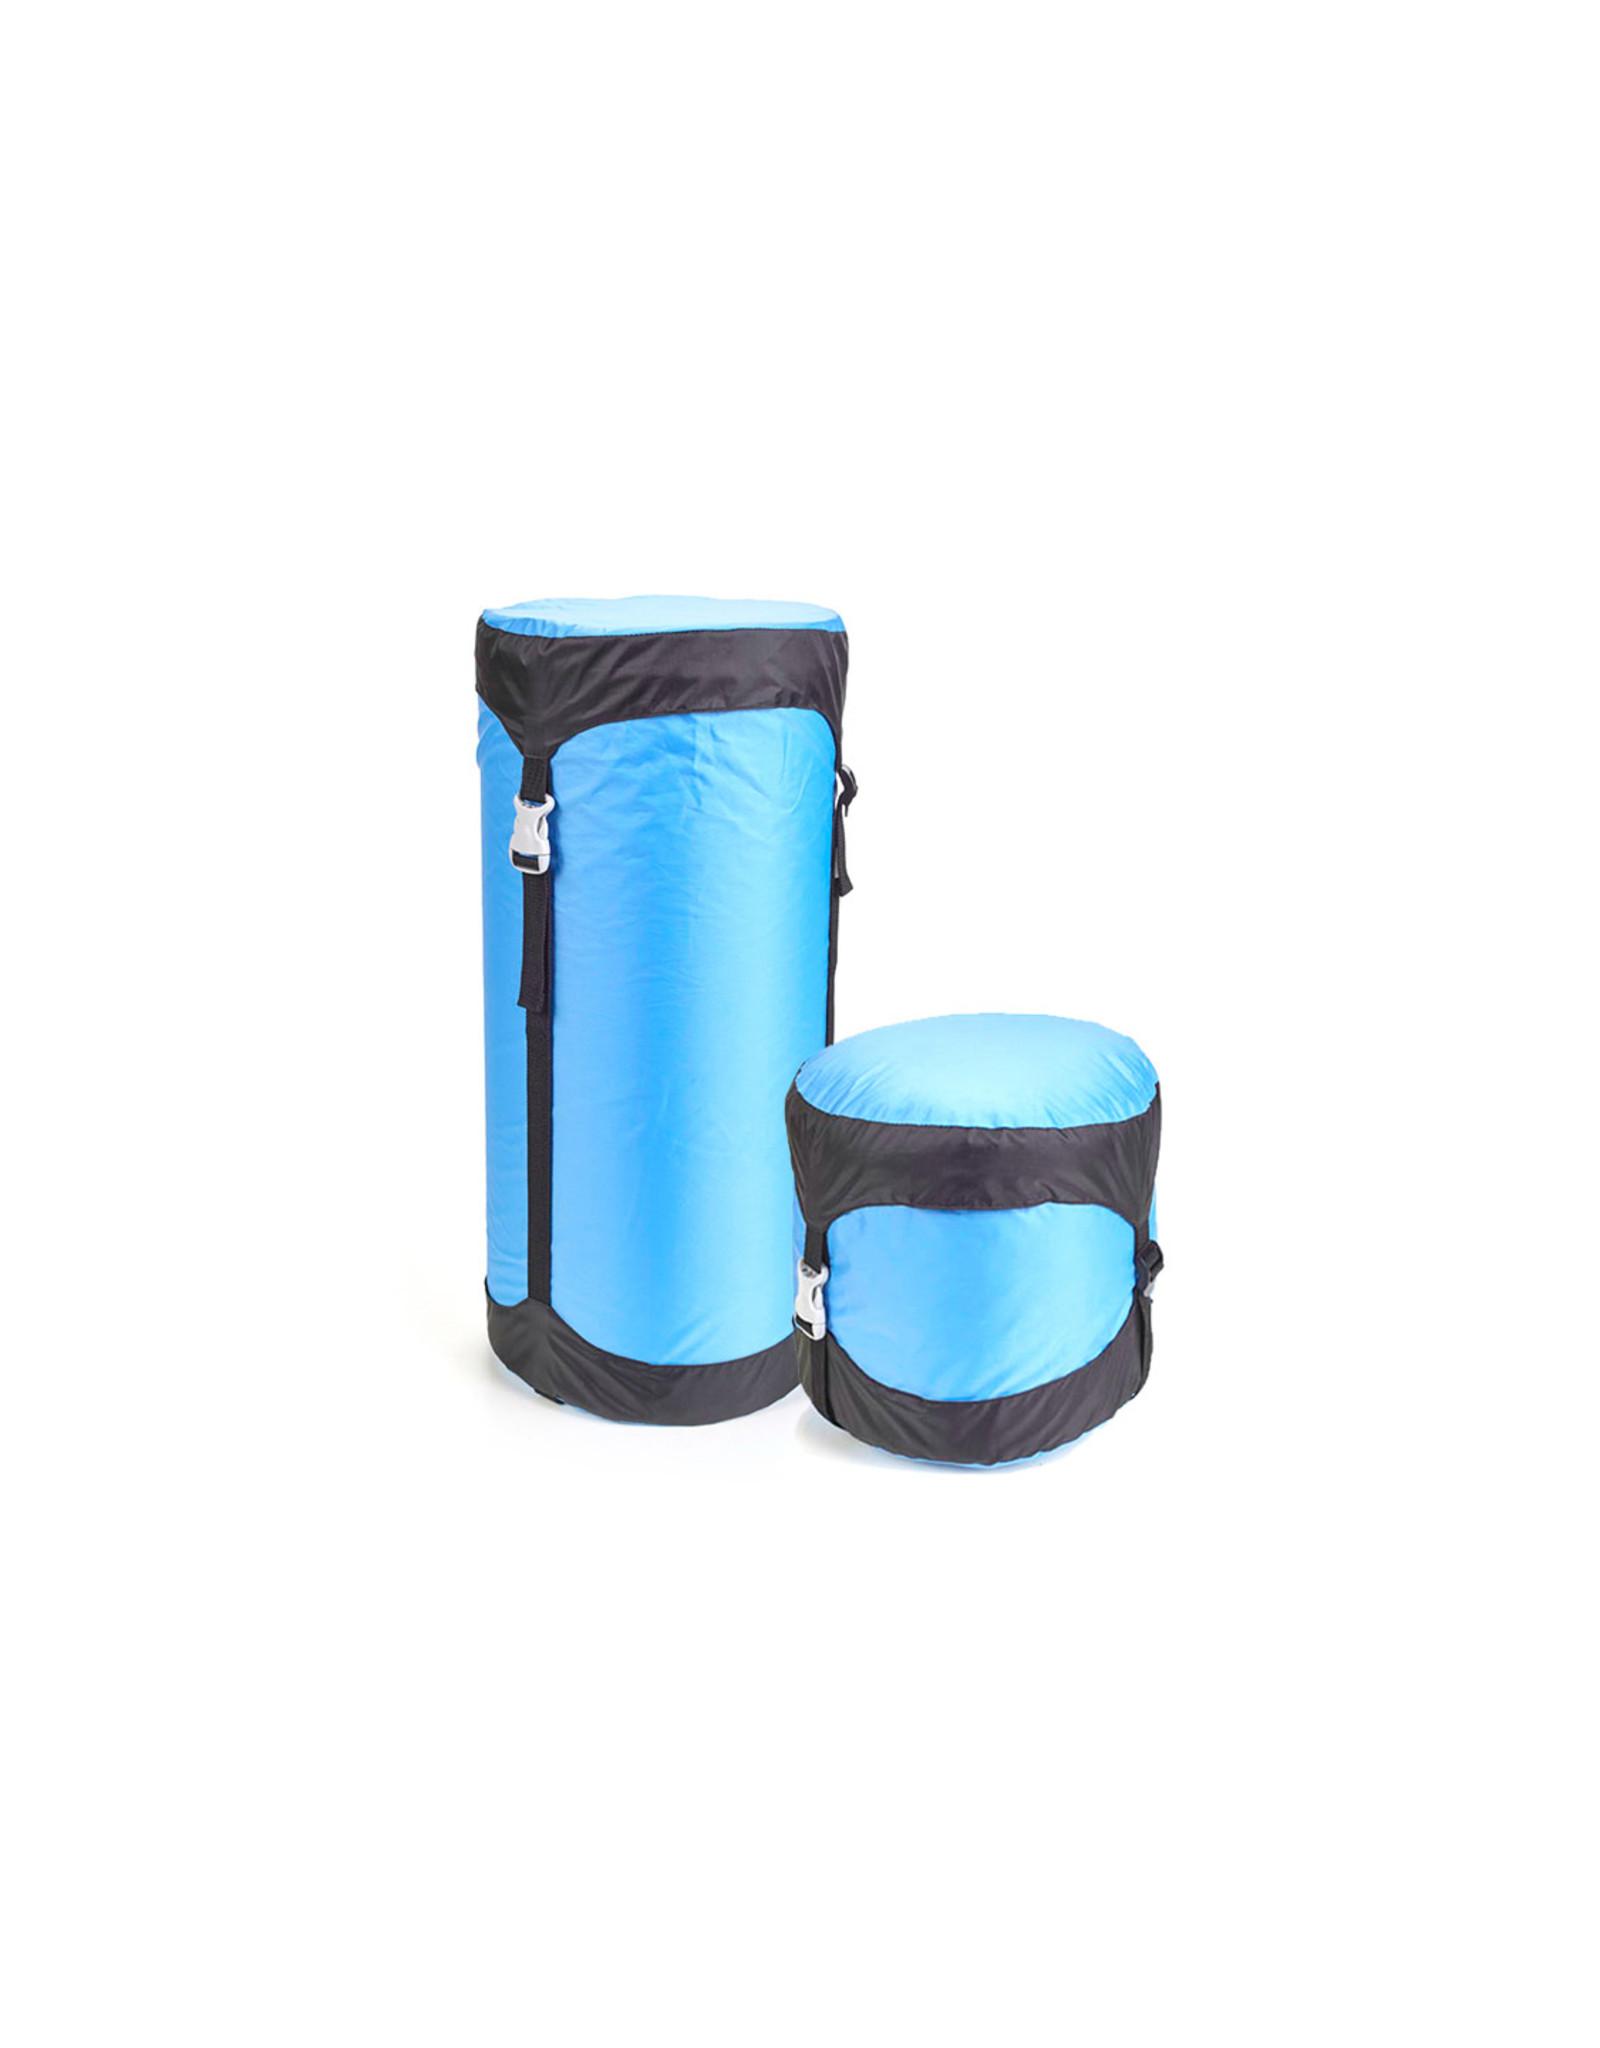 HOTCORE hotcore boa compression bag 30L